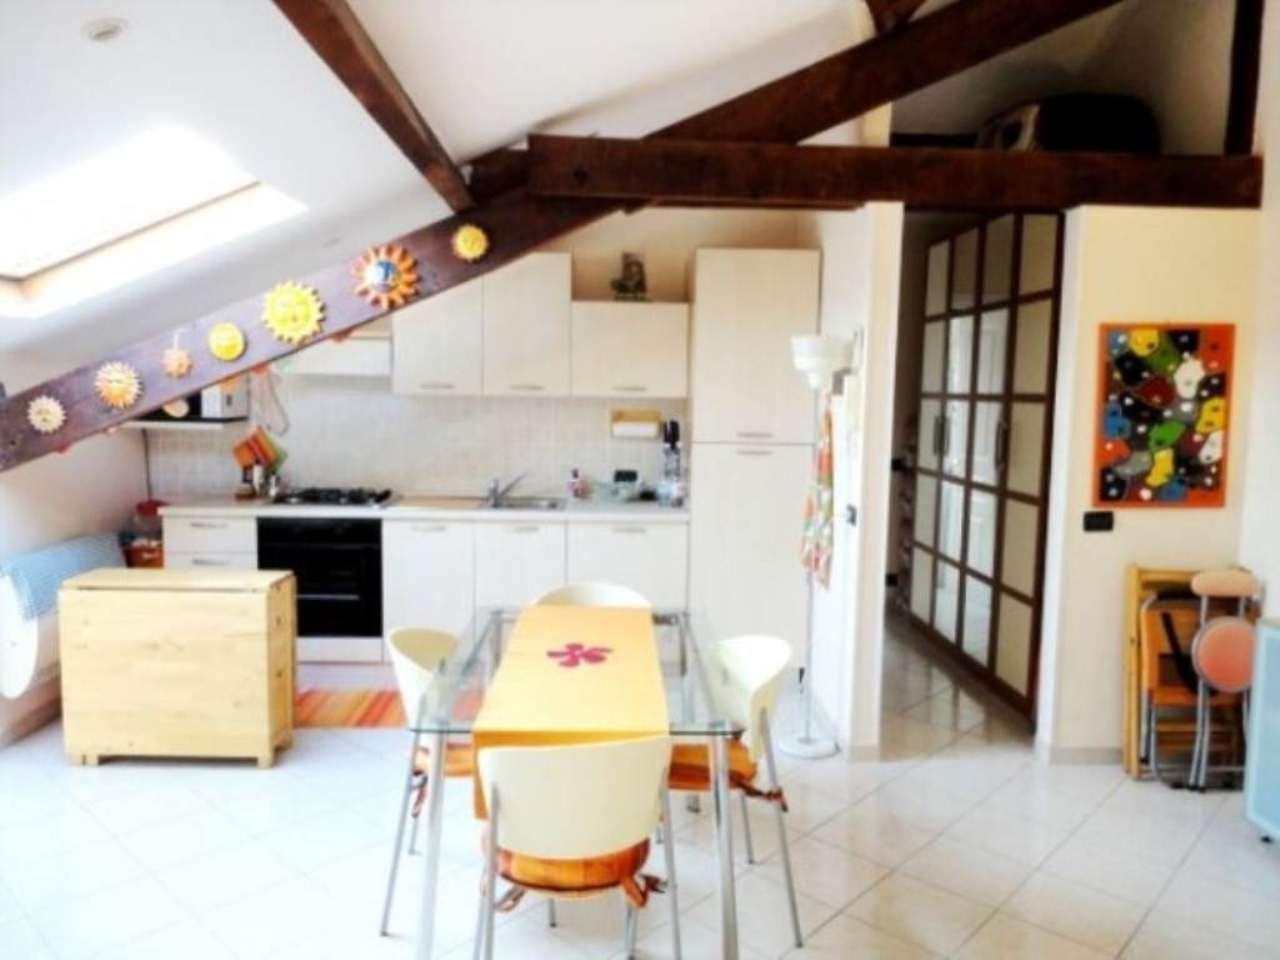 Attico / Mansarda in vendita a Diano Marina, 2 locali, prezzo € 195.000 | Cambio Casa.it